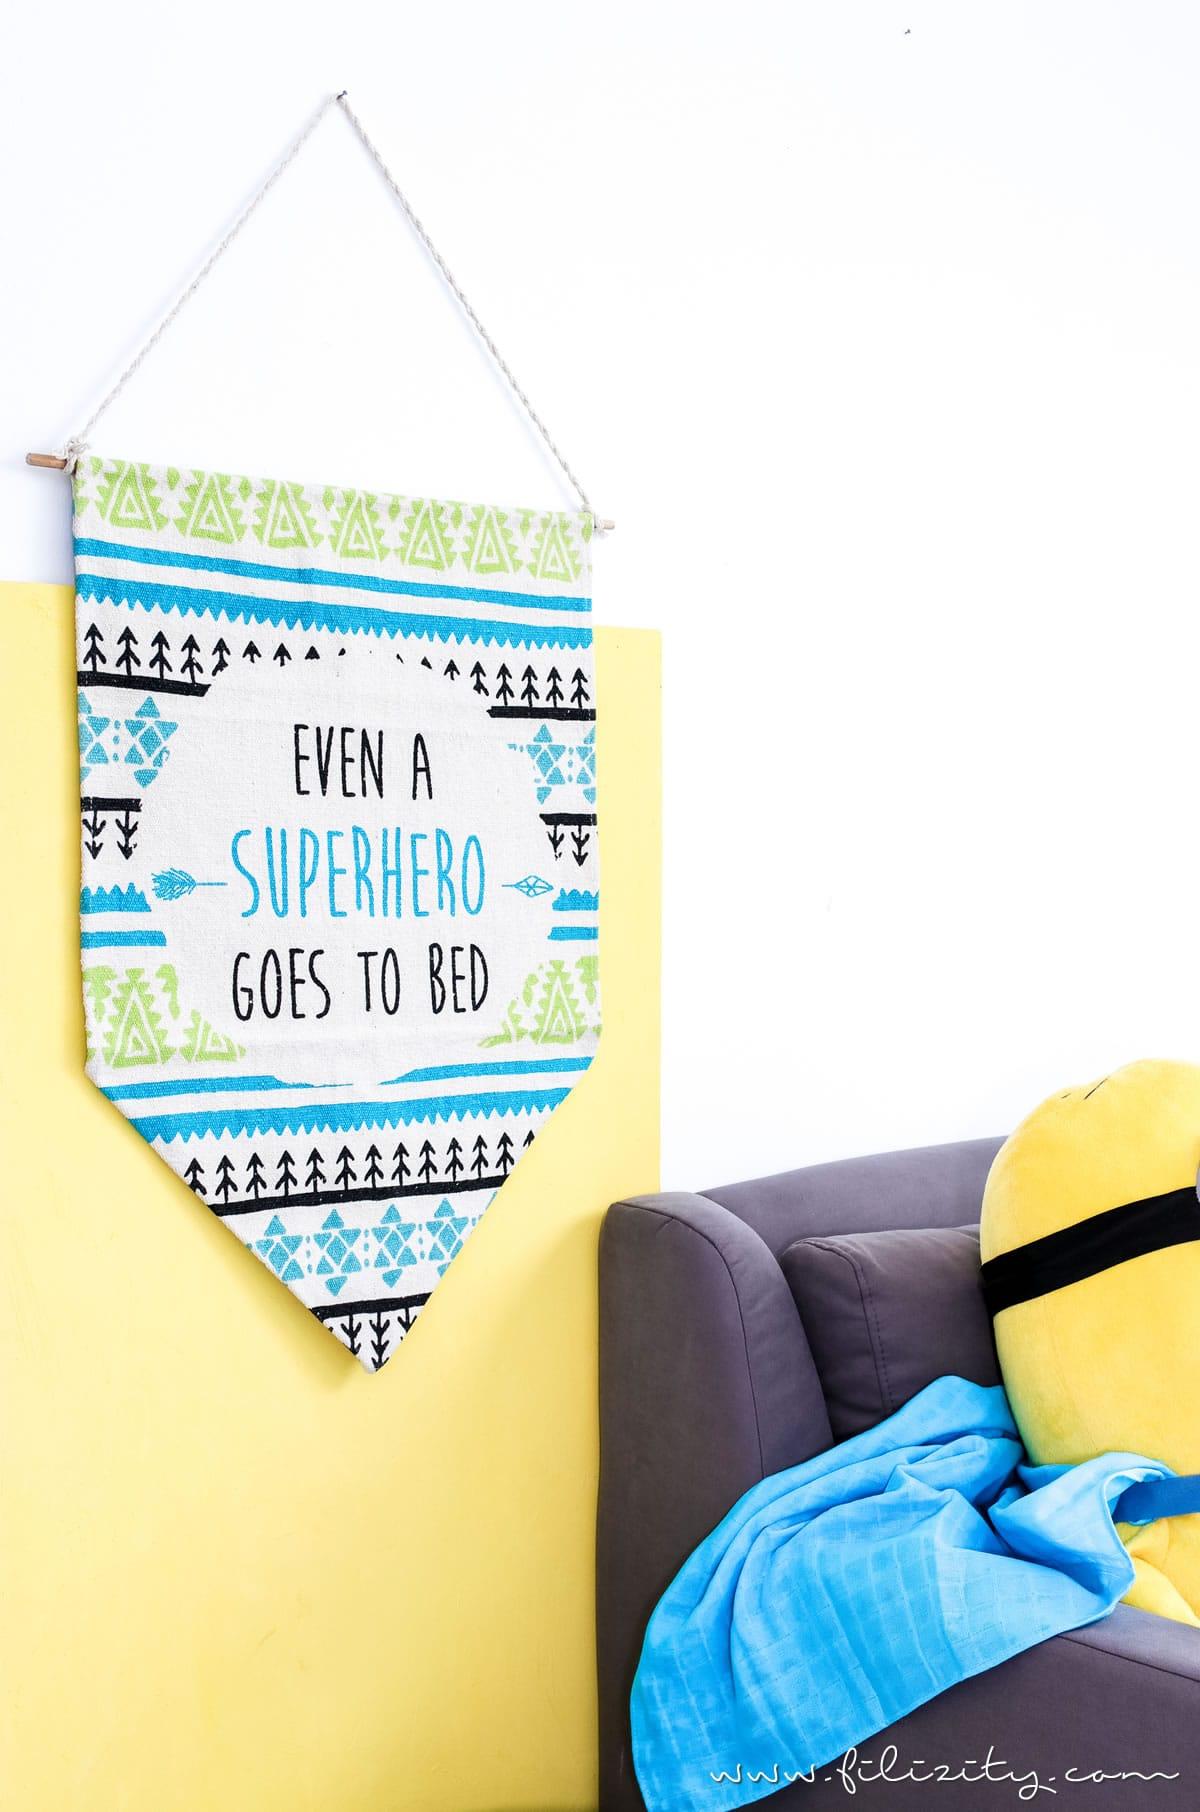 Wimpel aus buntem Teppich vor gelbem Hintergrund mit Minion auf der Couch | Kinderzimmer-Deko selber machen: DIY Wimpel aus Teppich | Filizity.com | DIY-Blog aus dem Rheinland #kinderzimmer #kinder #superhelden